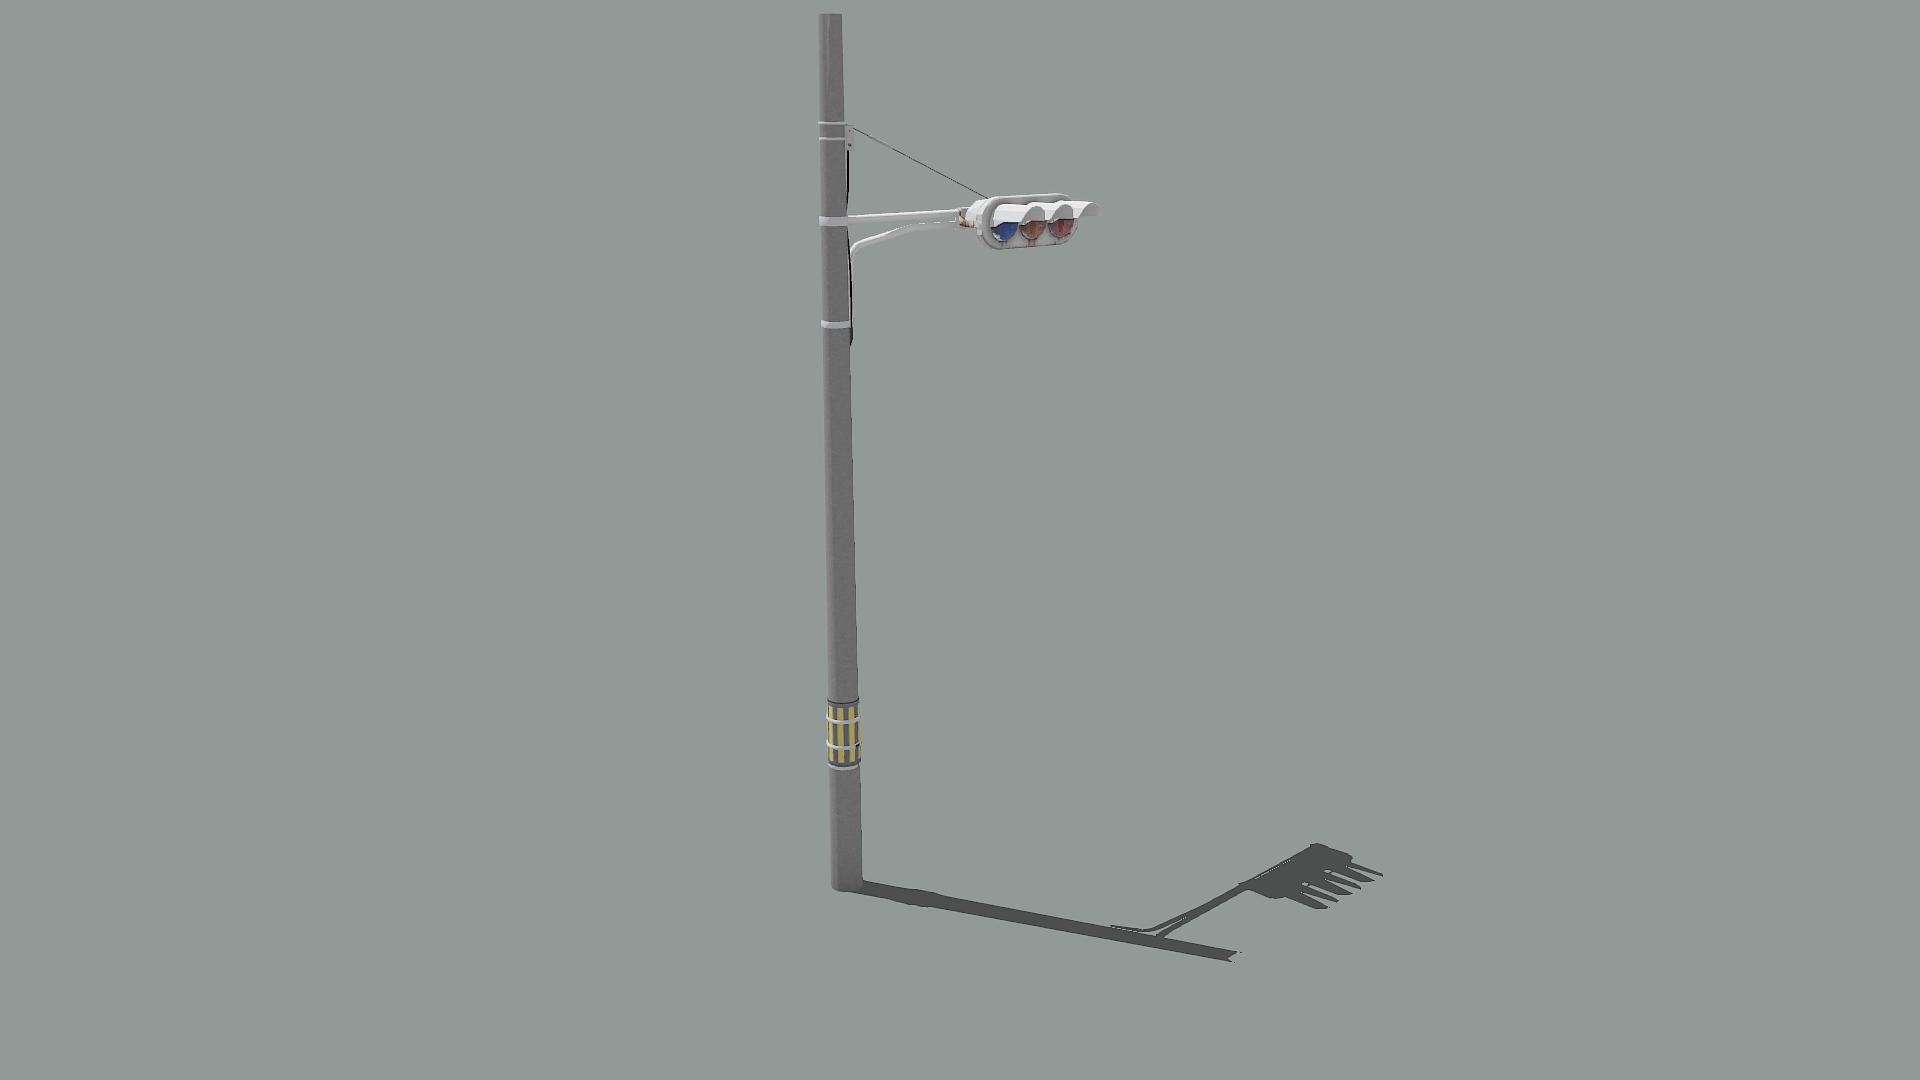 Land_trafficlight_1_F.png